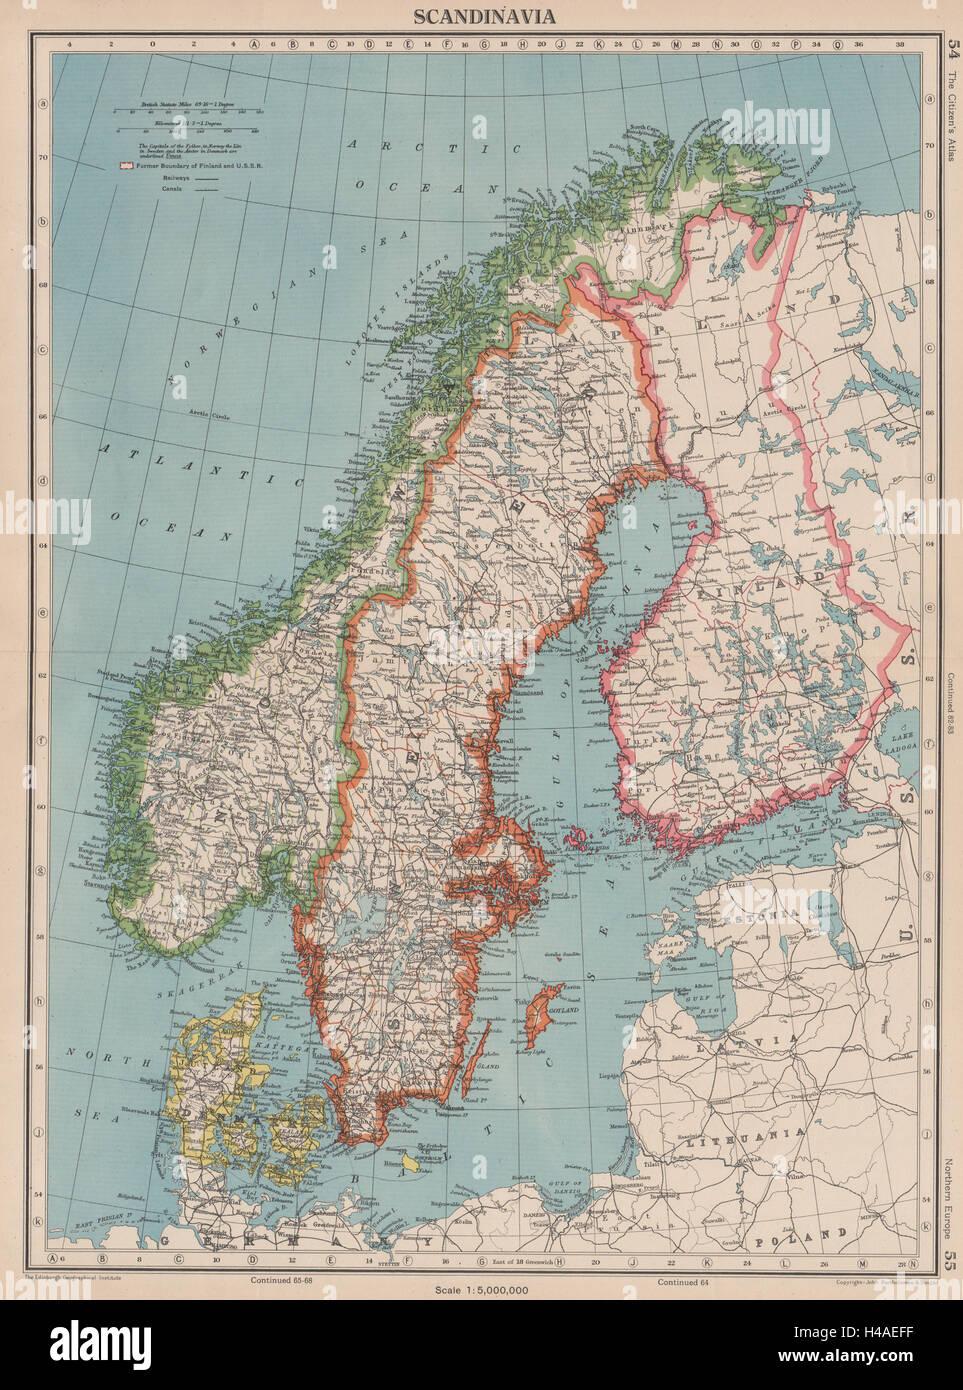 skandinavien schweden norwegen d nemark finnland zeigt. Black Bedroom Furniture Sets. Home Design Ideas